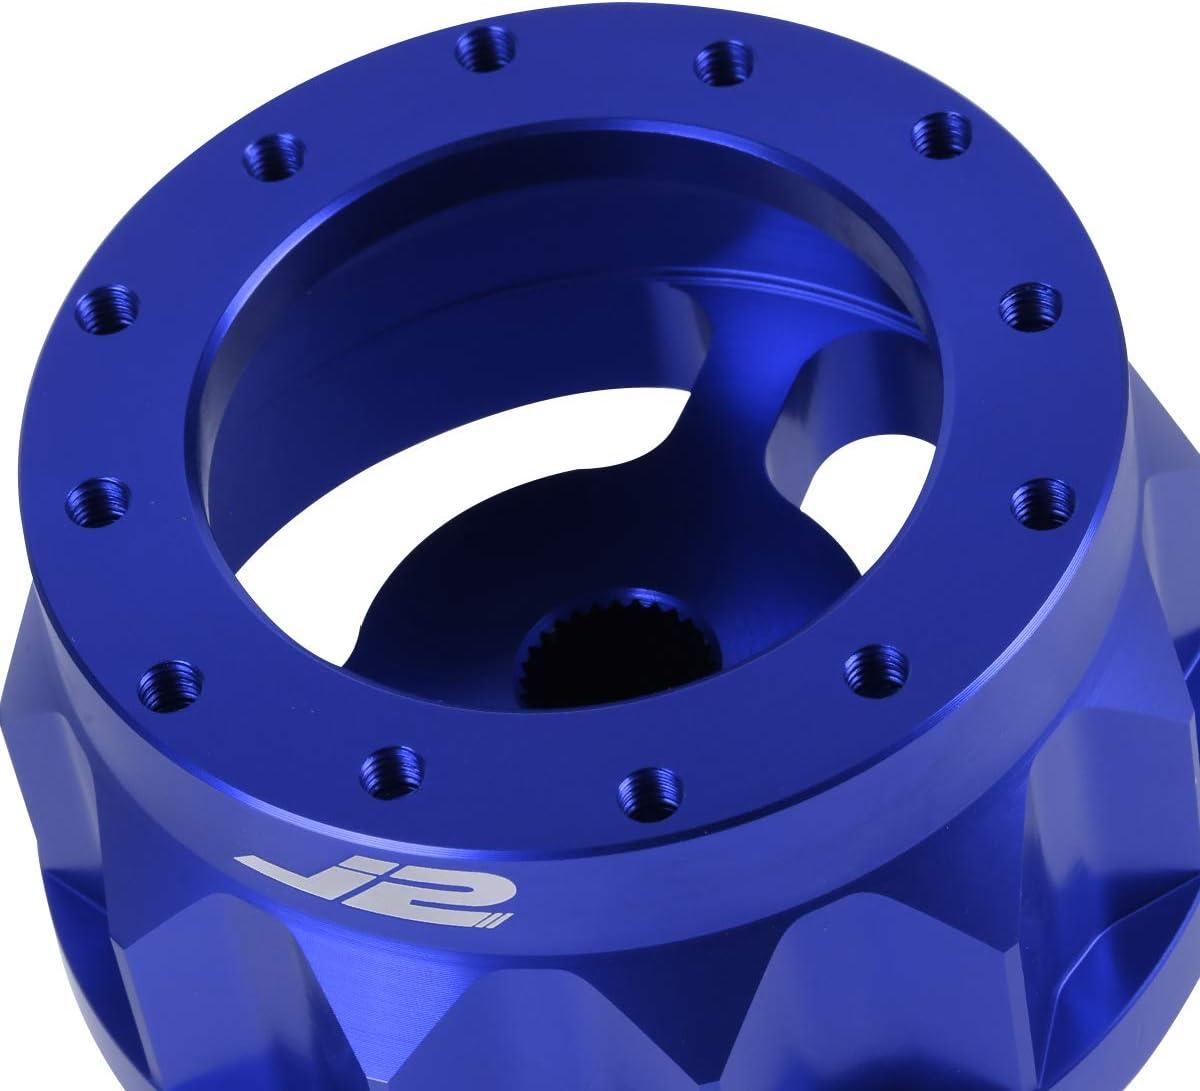 J2 Engineering J2-HUB-OH124-BL 2 6-Bolt Aluminum Steering Wheel Hub Adapter Blue For 92-95 Civic Integra